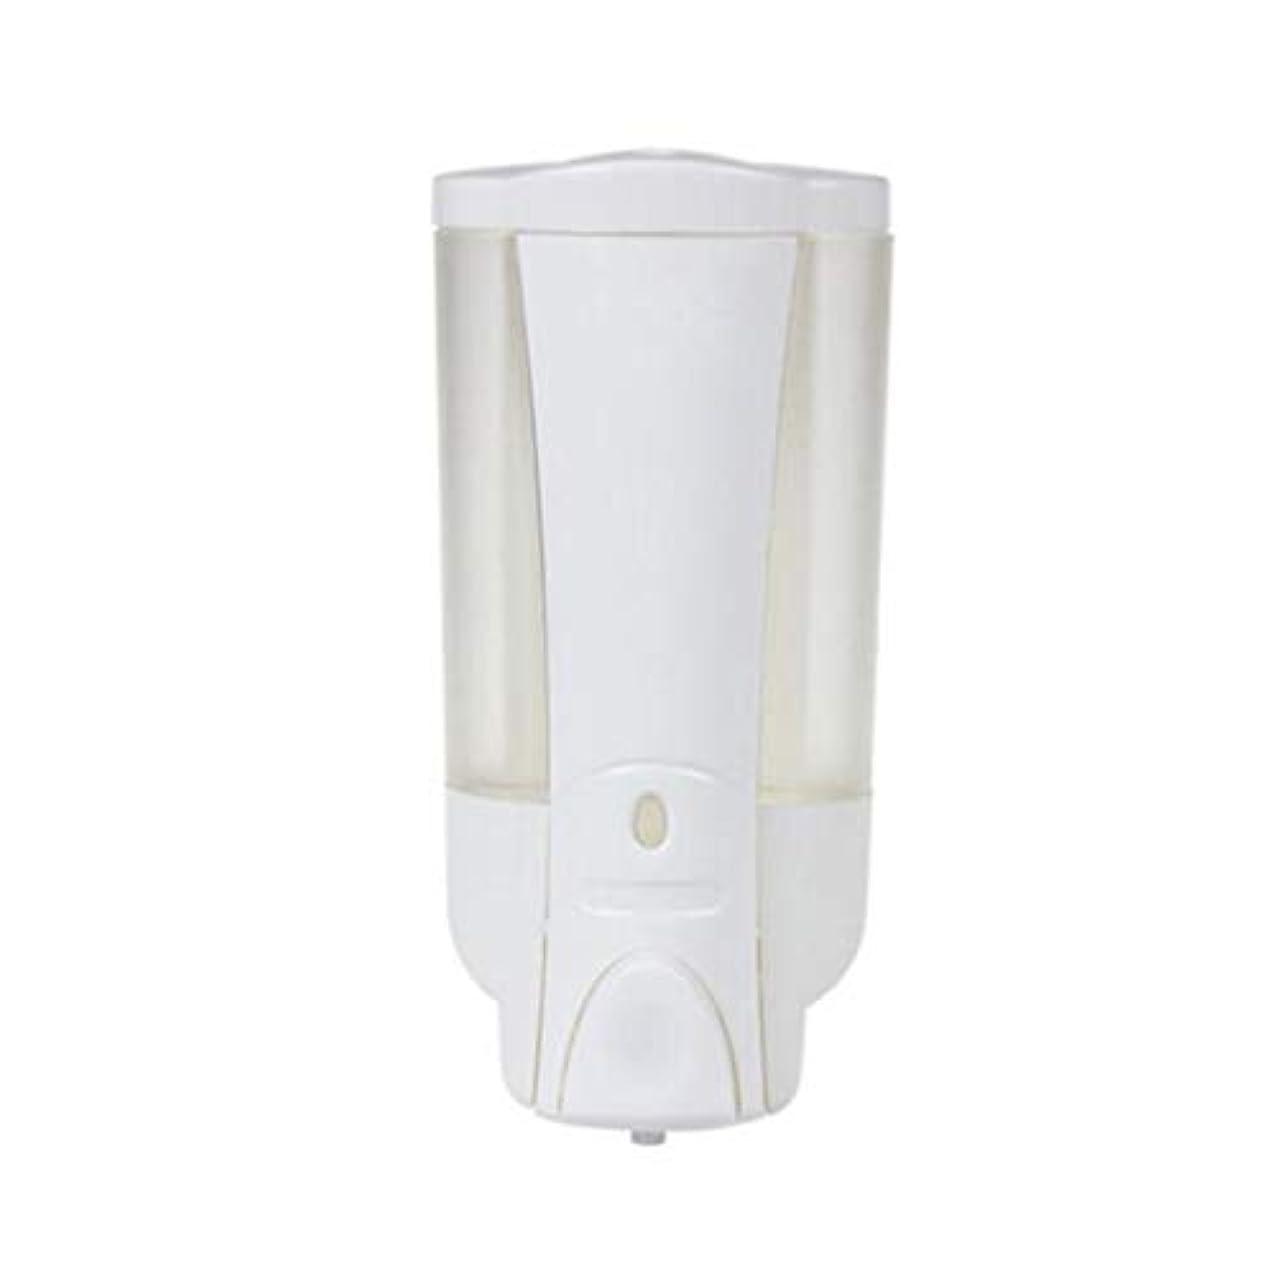 正確な日焼け借りるKylinssh 泡立つ石鹸ディスペンサー450ml容量、石鹸、DIY液体石鹸、皿石鹸、ボディウォッシュなどに使用するための空のプラスチック液体石鹸ポンプボトル